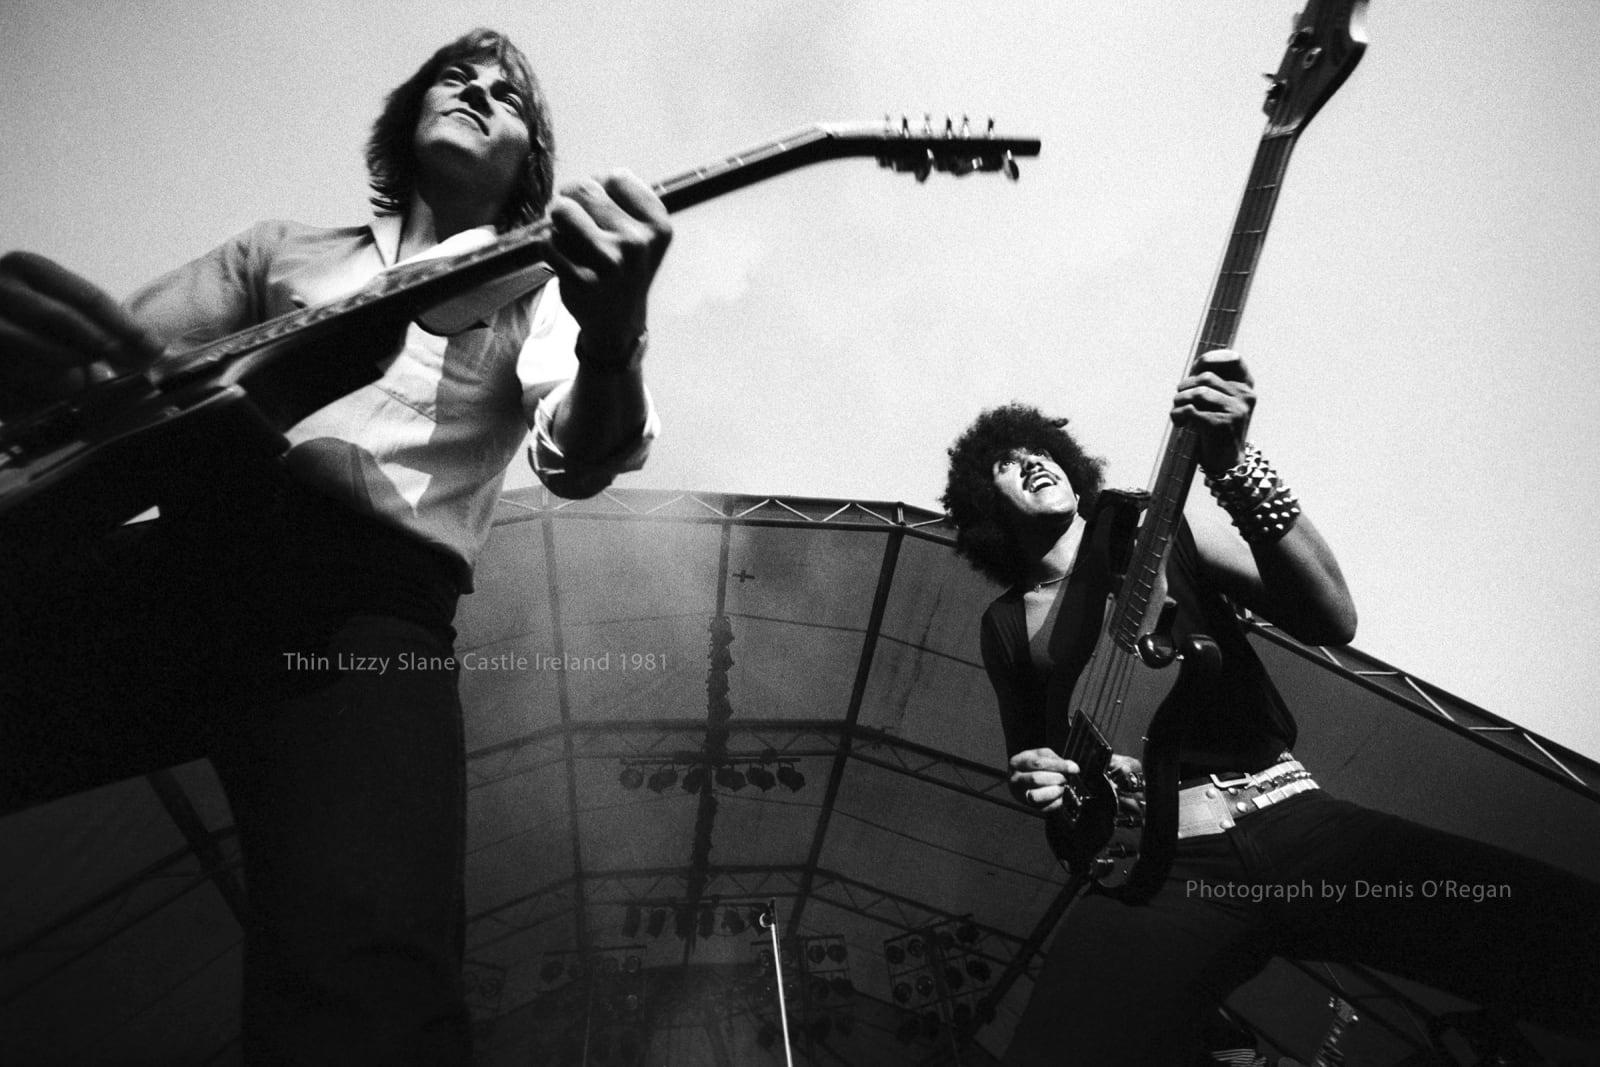 THIN LIZZY, Thin Lizzy Slane Castle, 1981